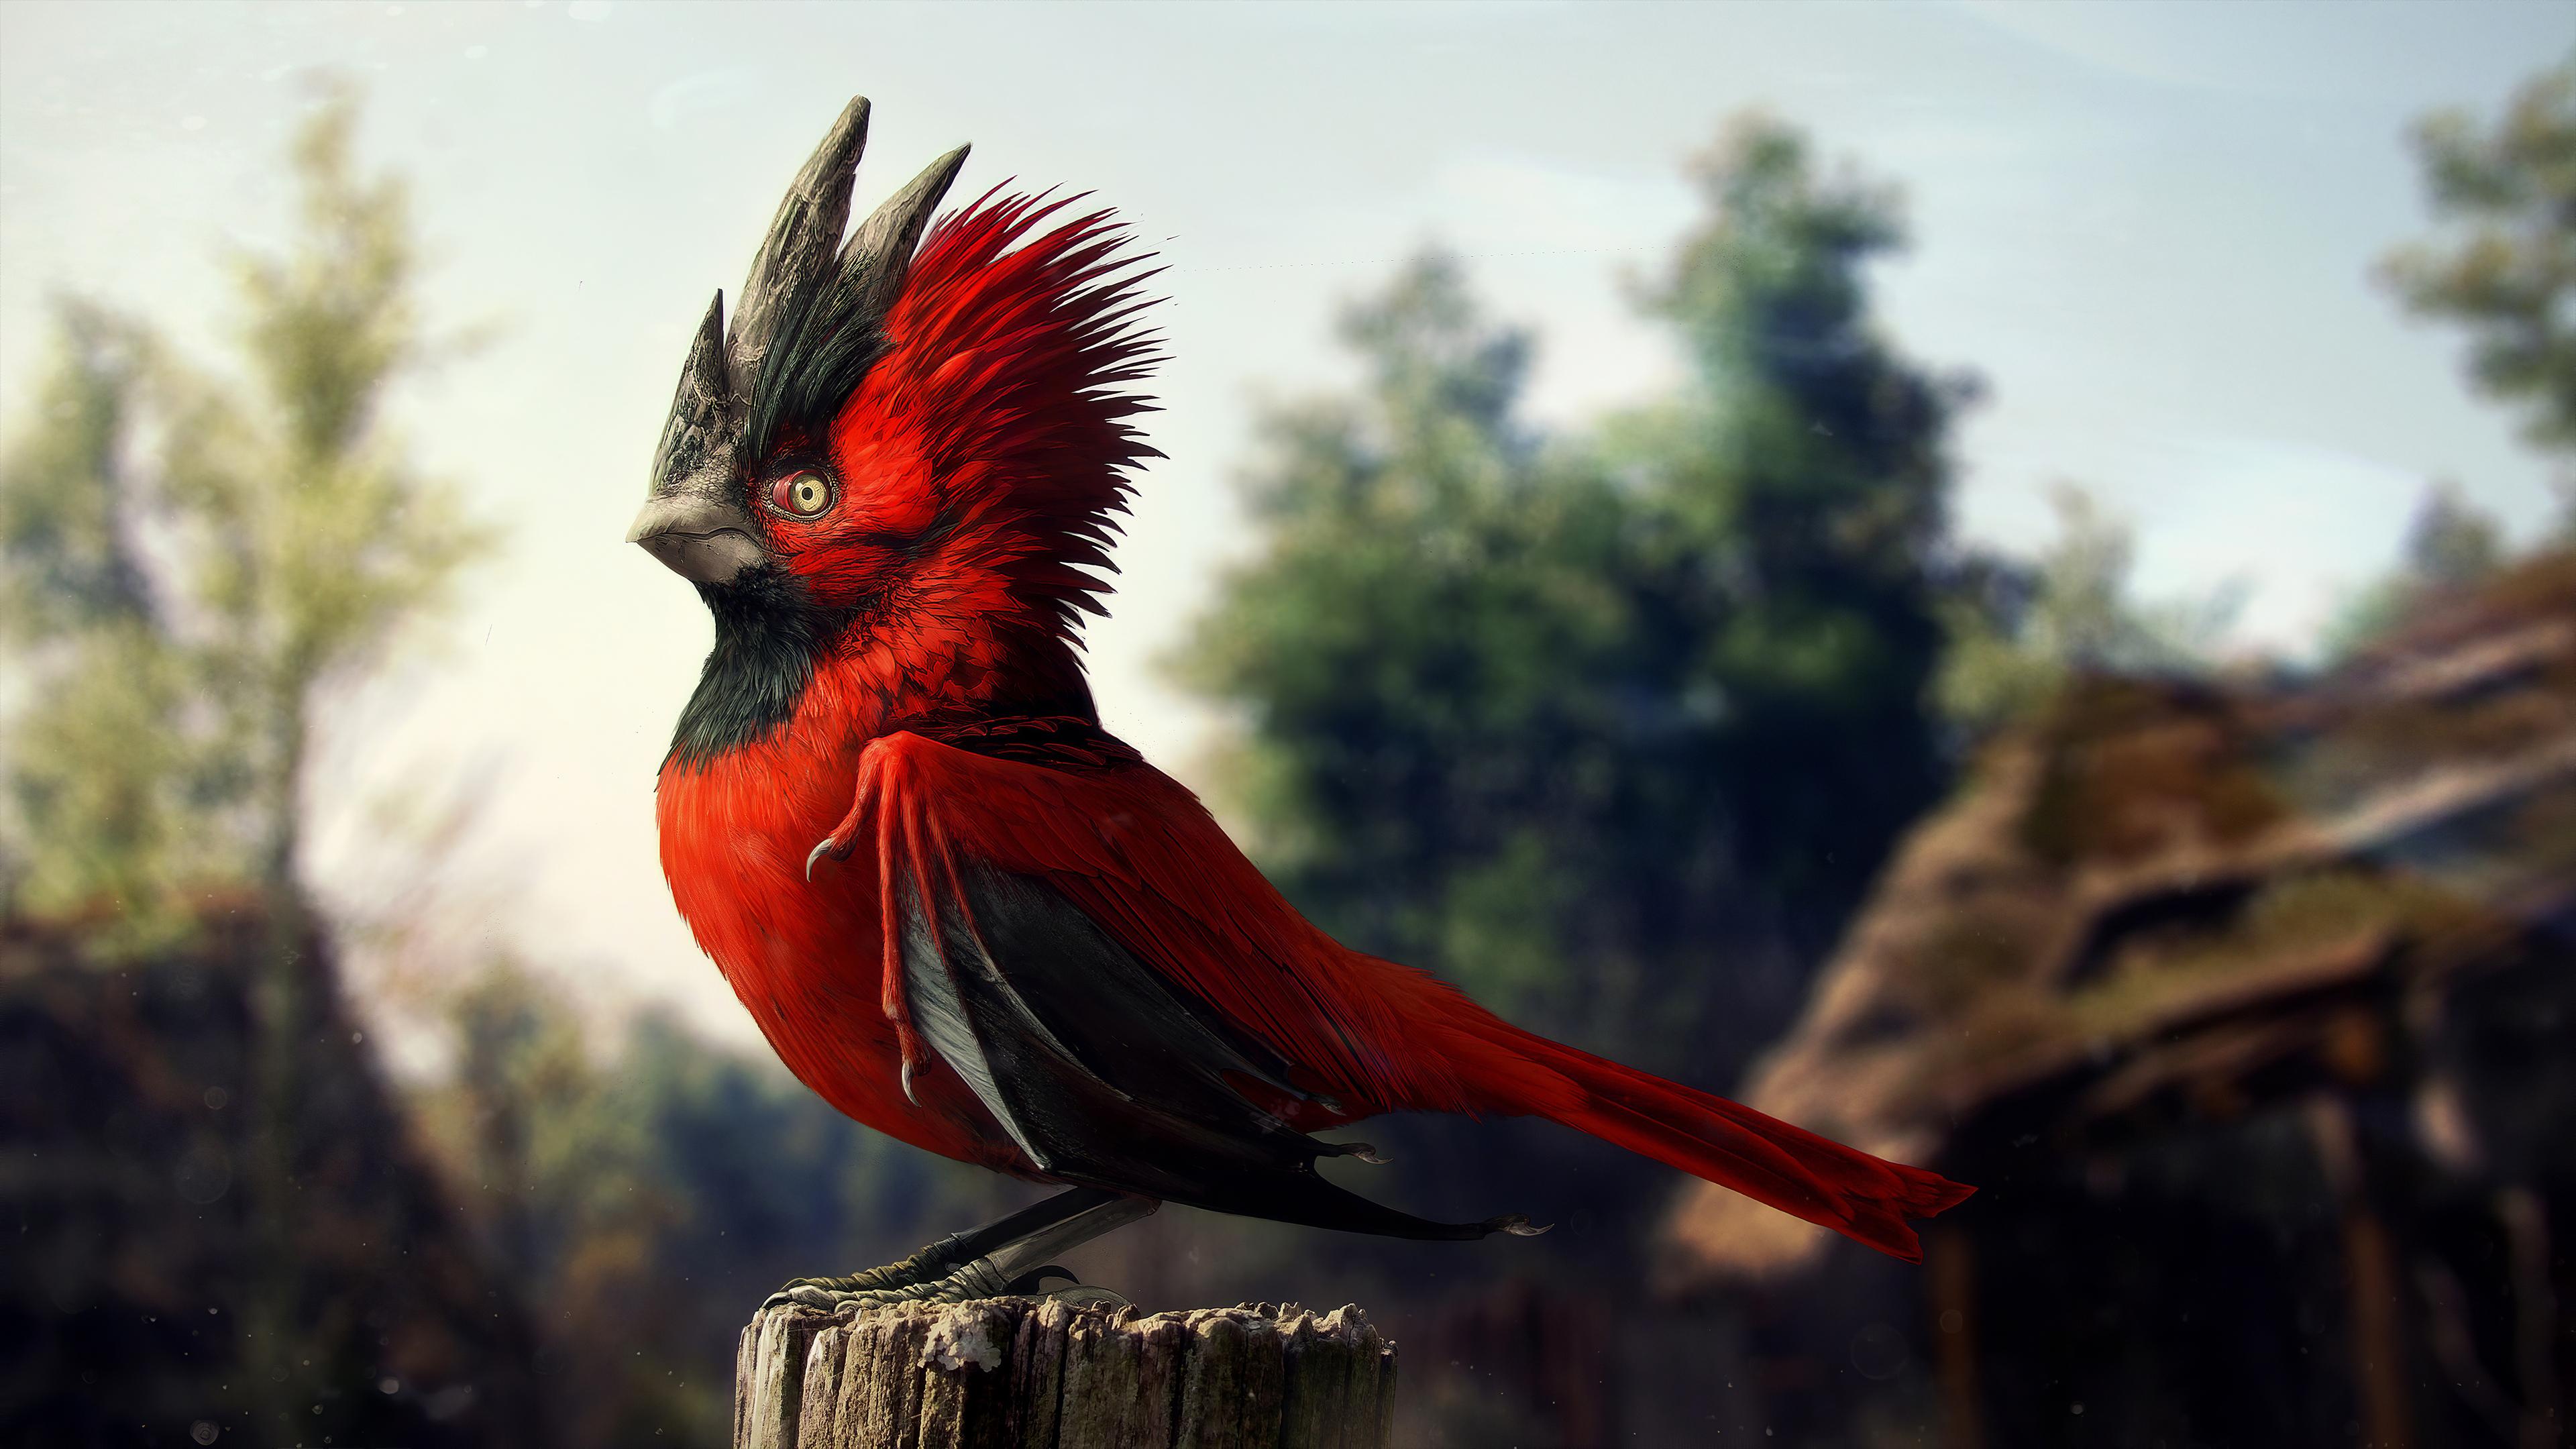 cgi-bird-5k-wk.jpg